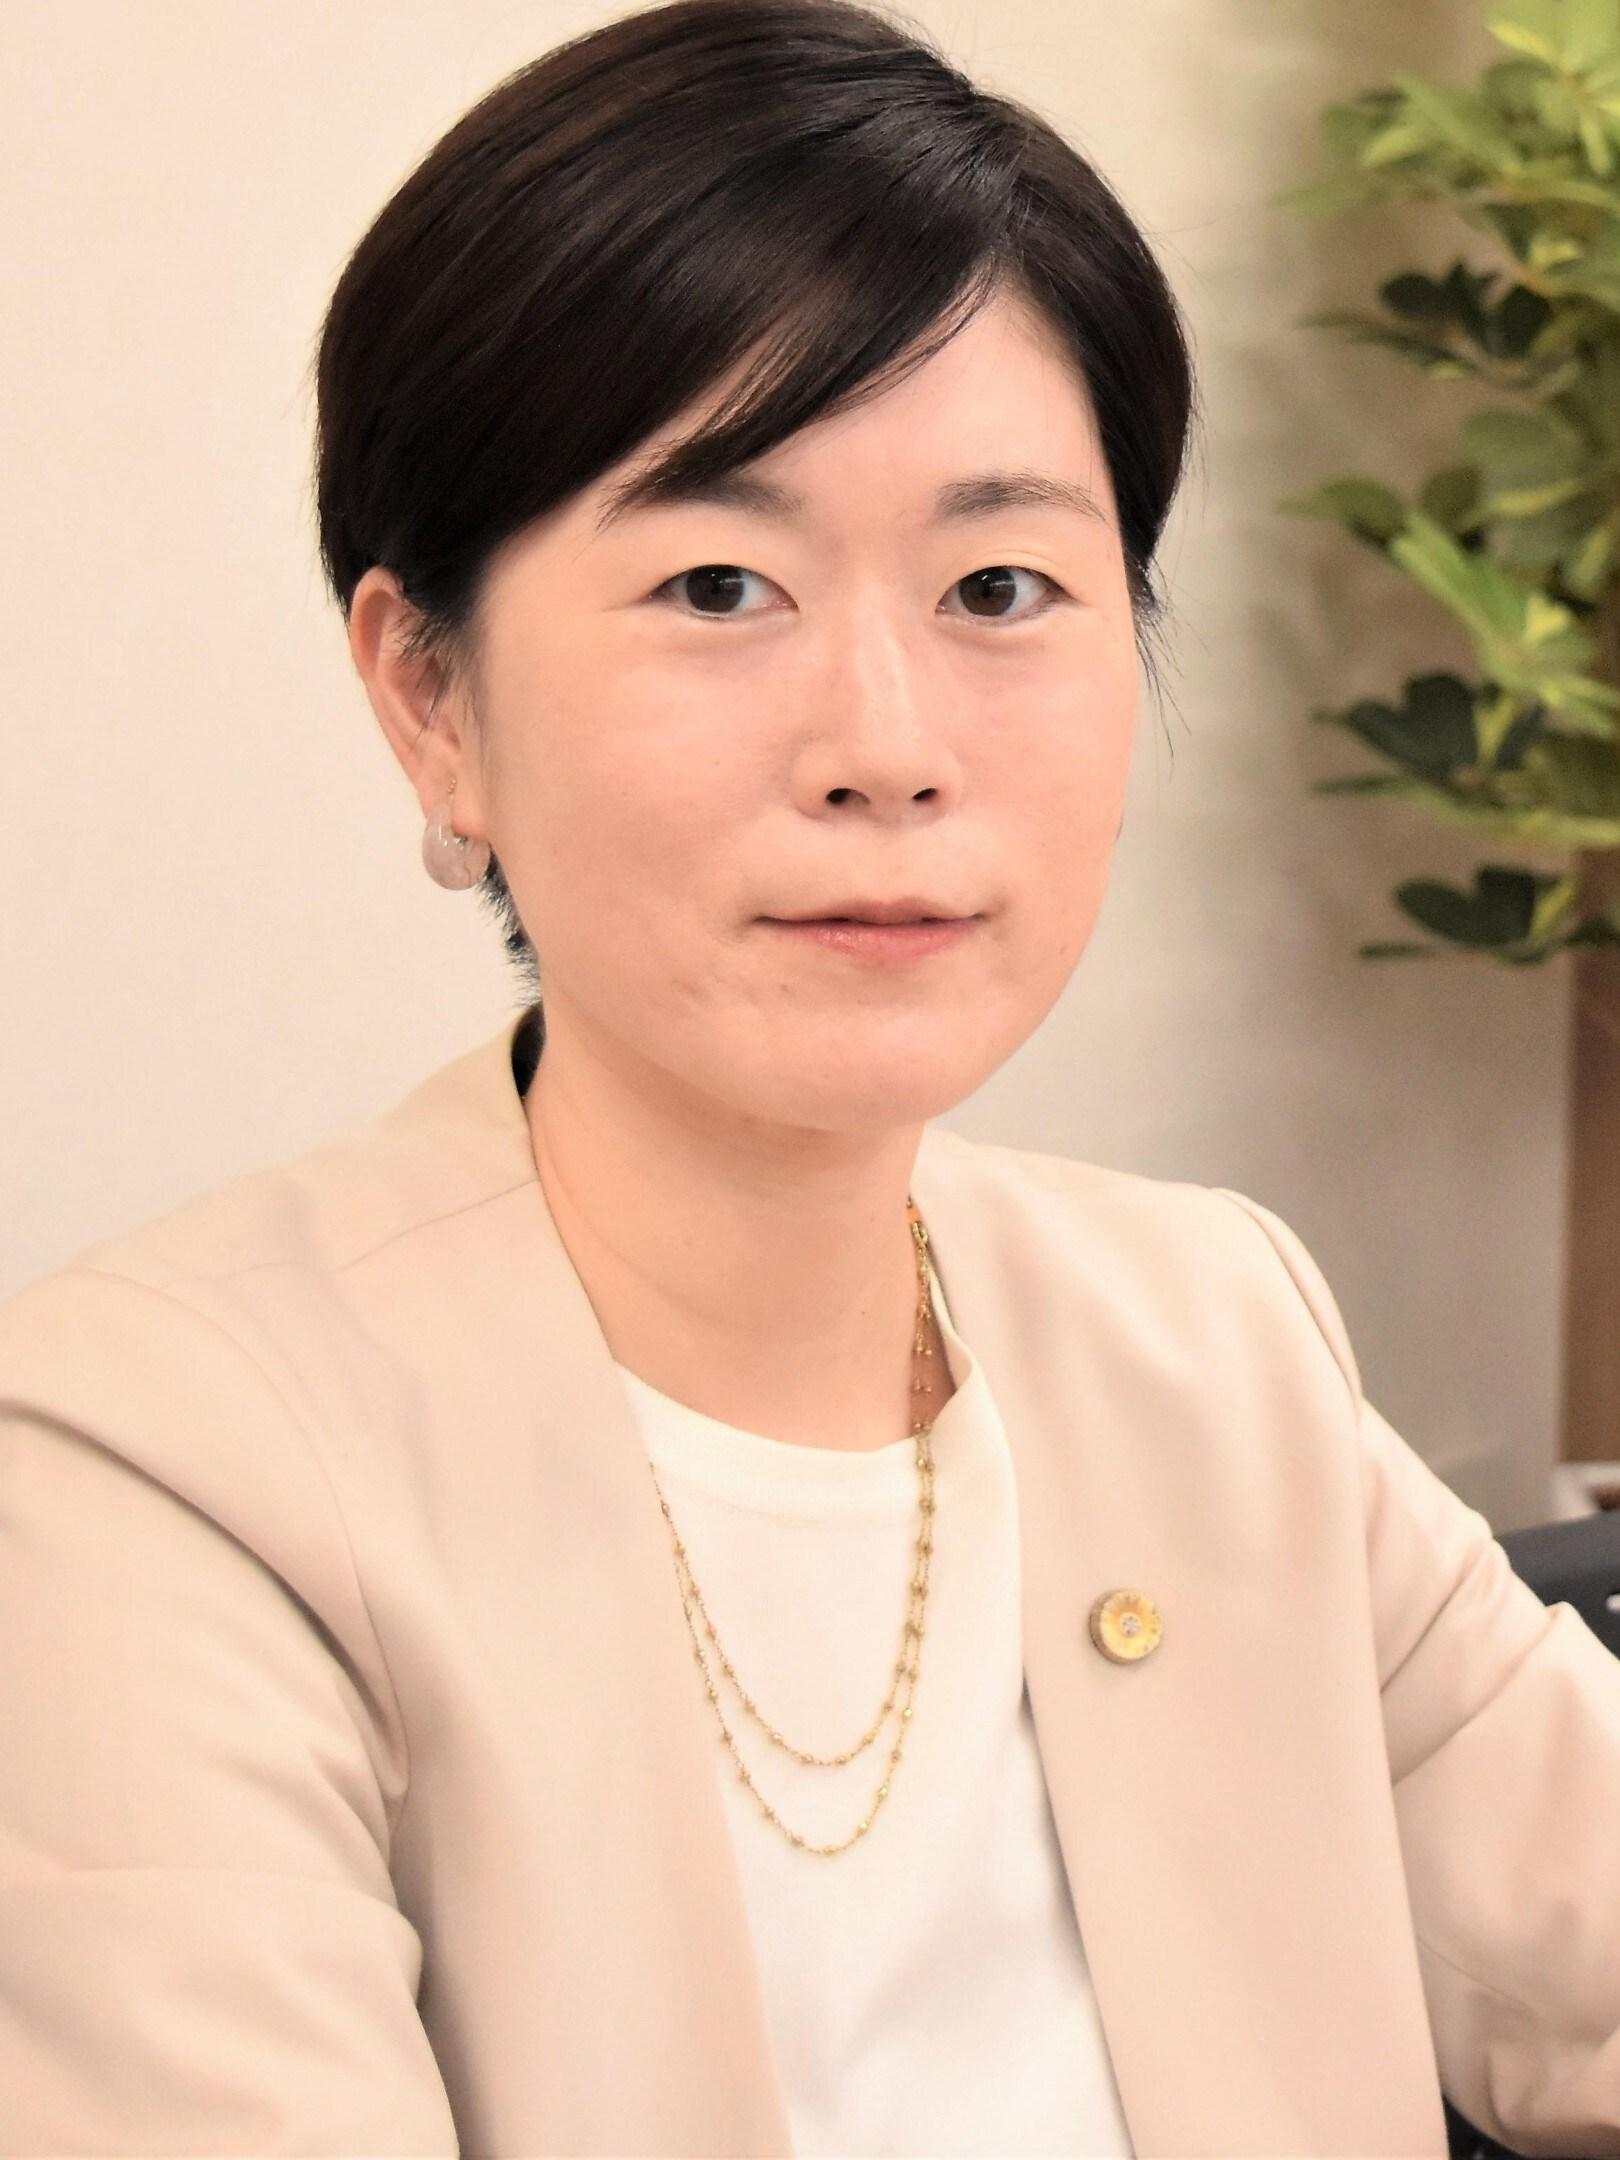 長谷川 希弁護士